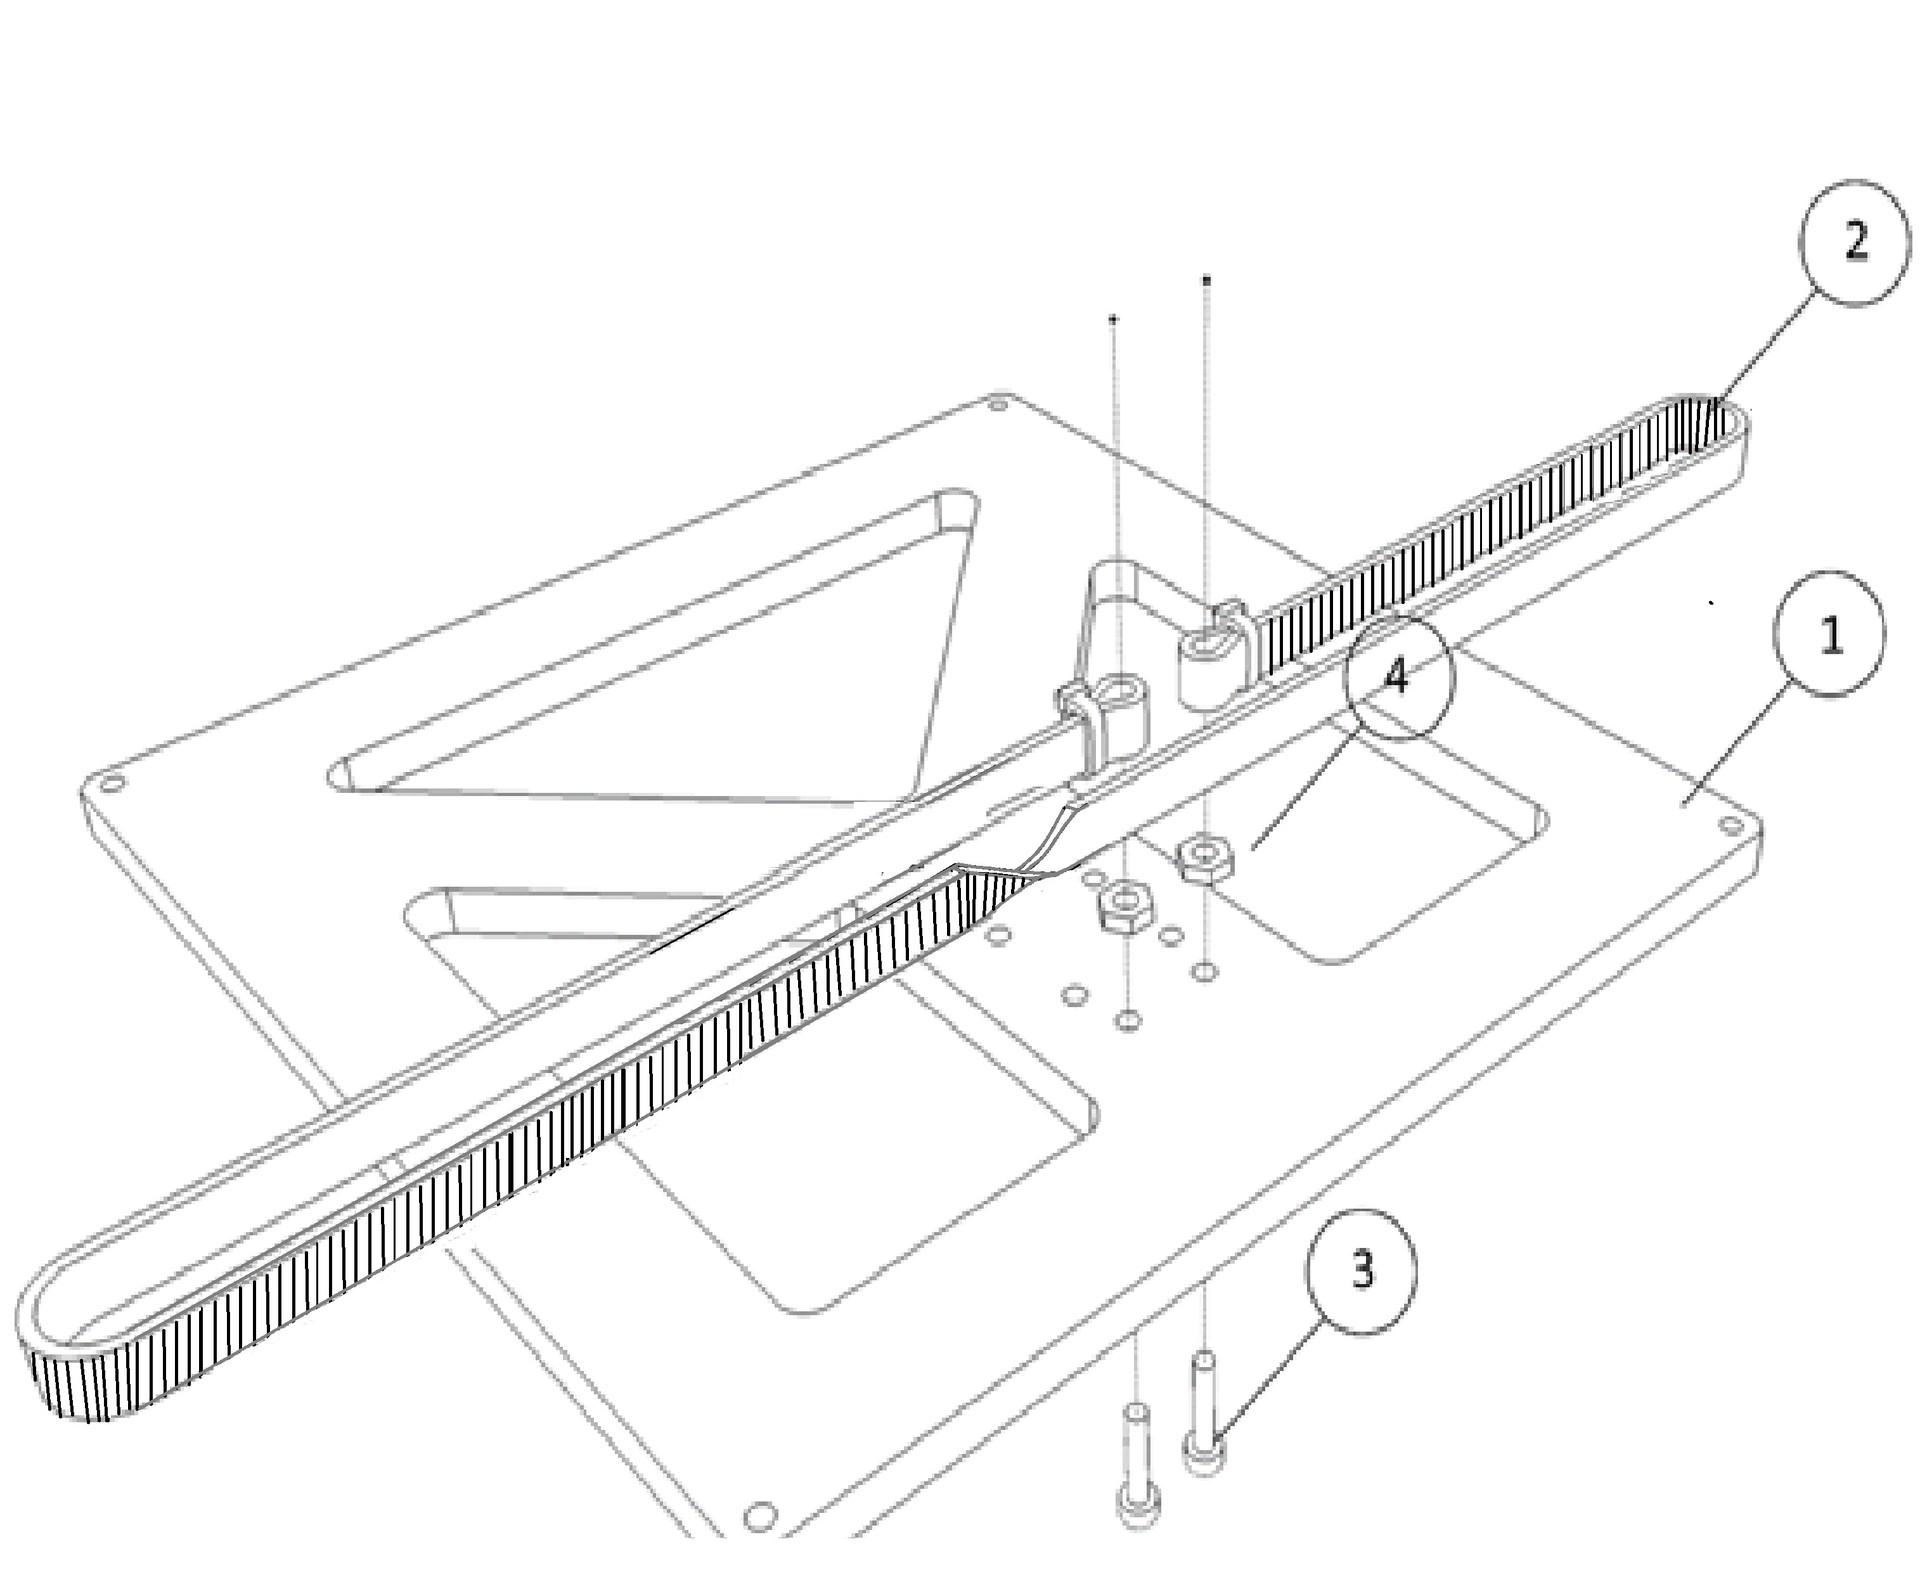 Инструкция по сборке 3D принтера Prism Uni(часть 1-механика) - 10